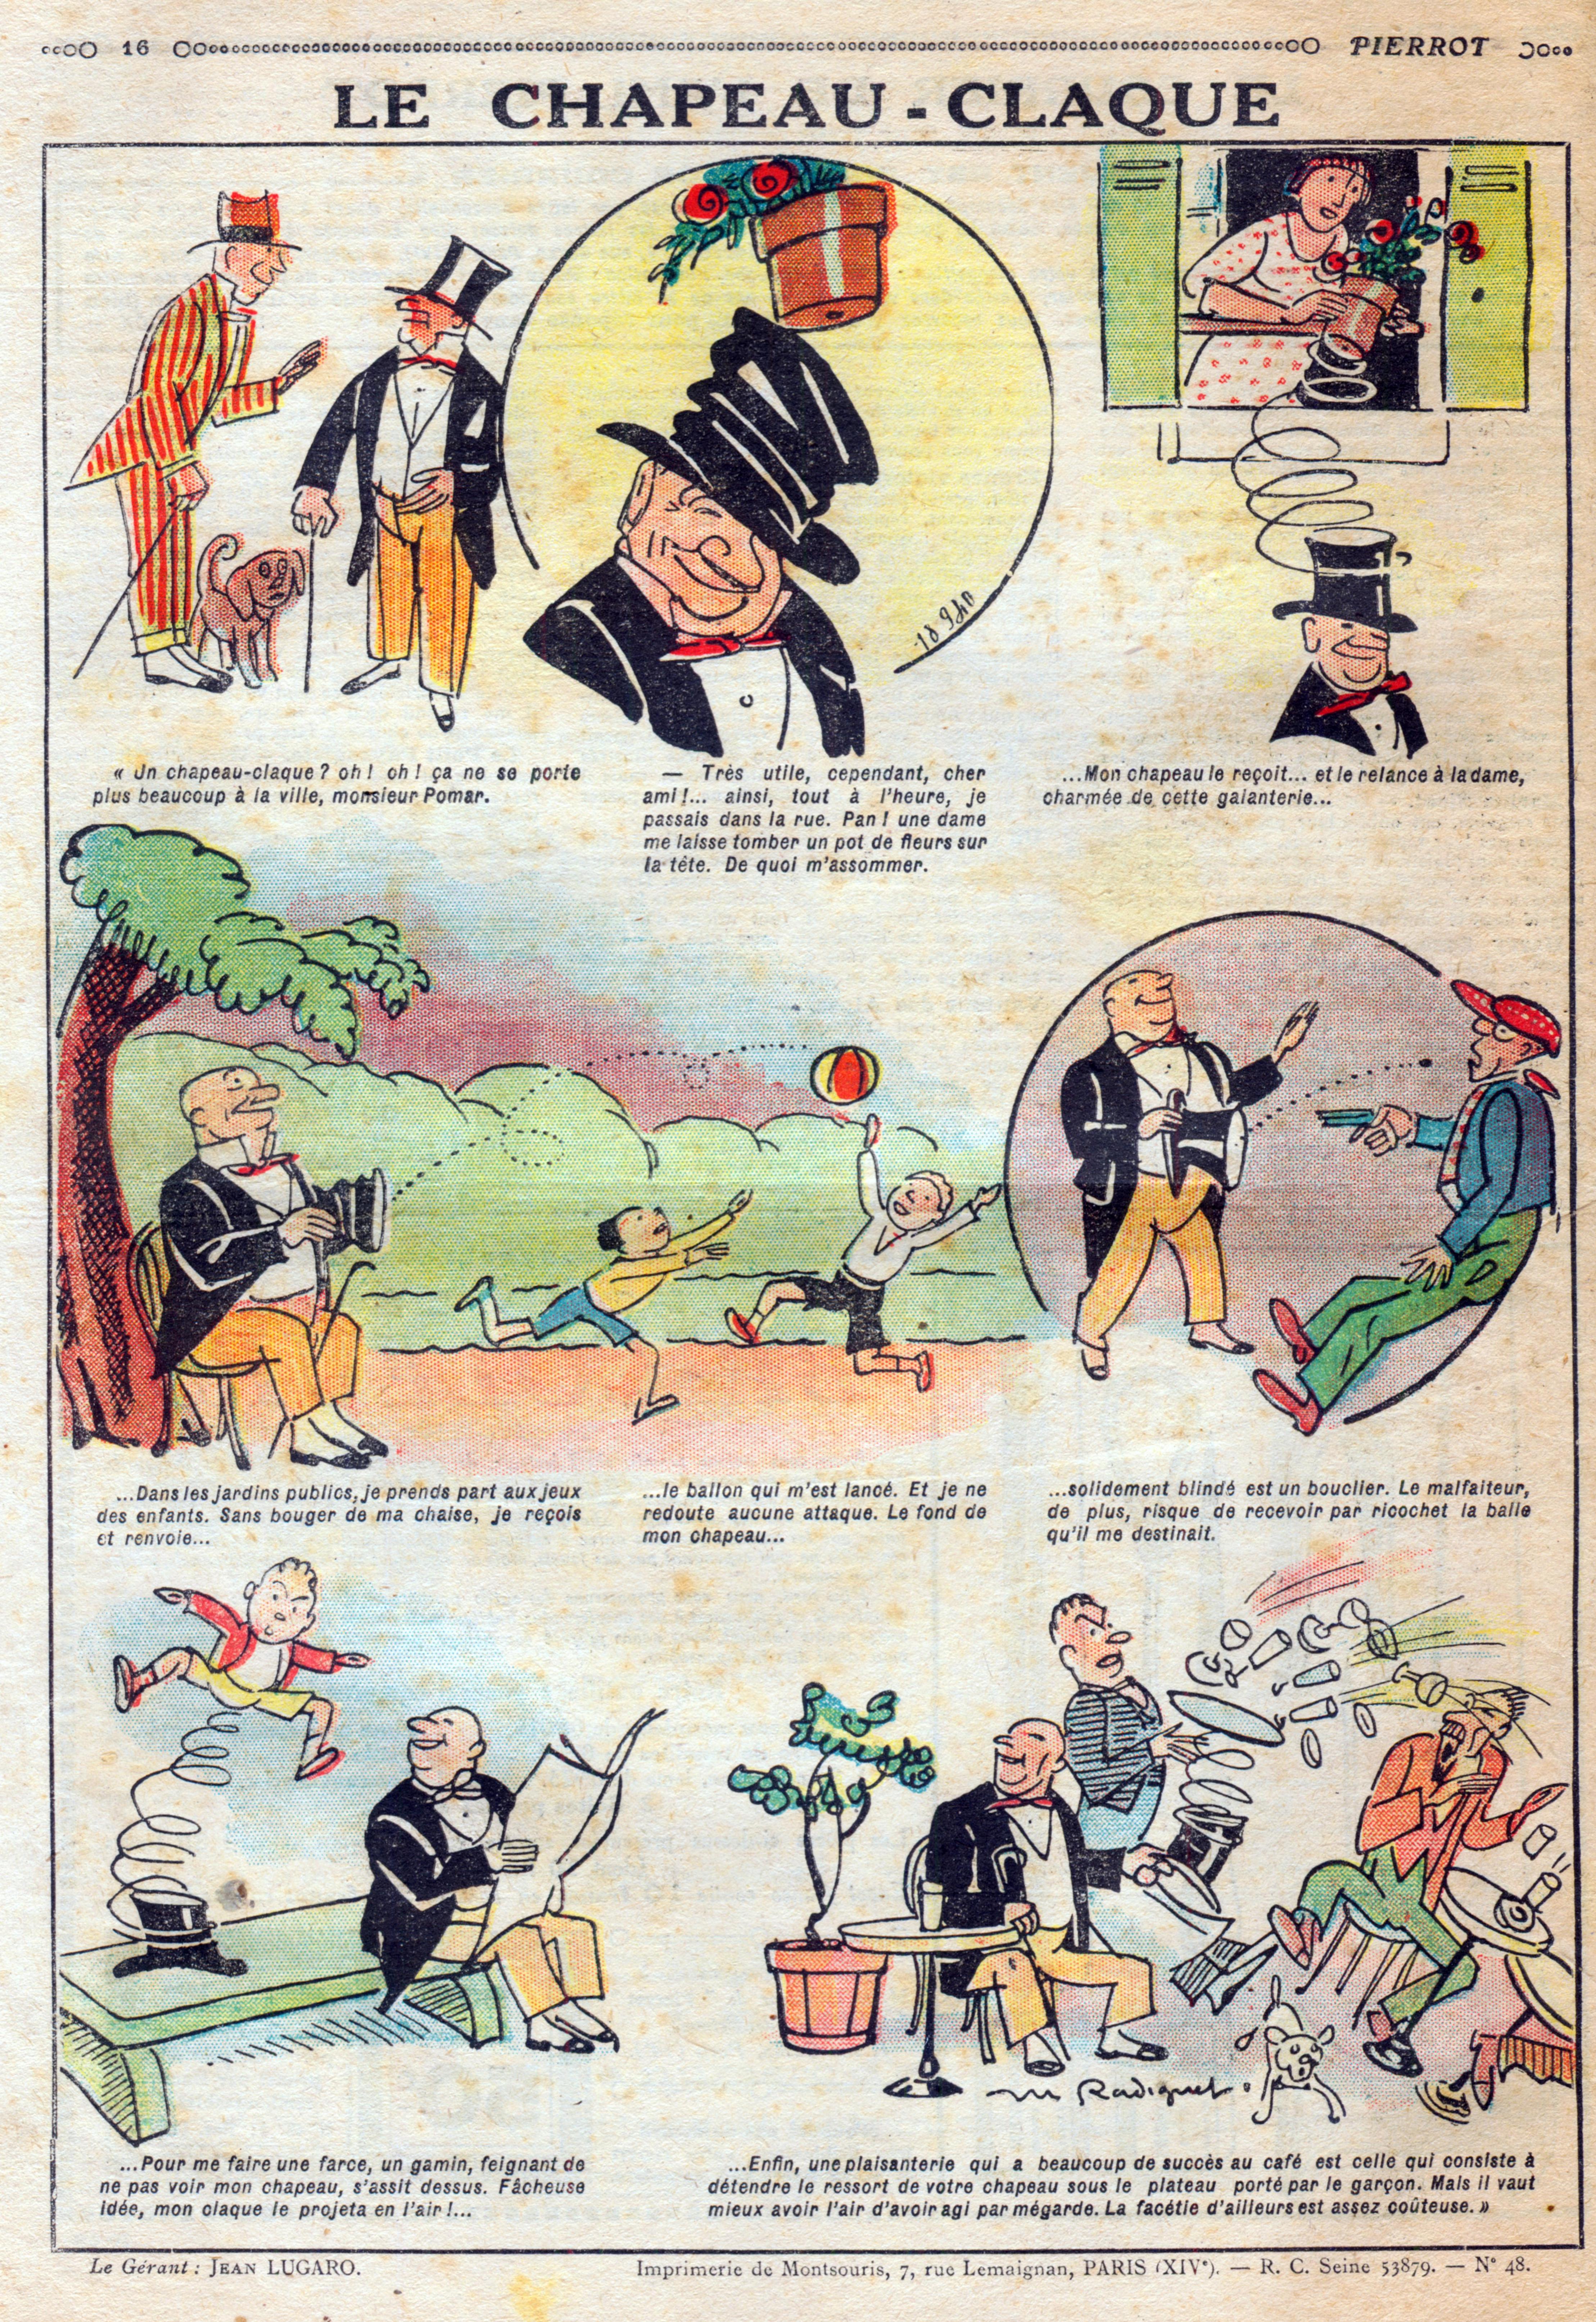 f4e14f4bece4 Fichier Pierrot du 21 novembre 1926 Chapeau-Claque.jpg — Wikipédia